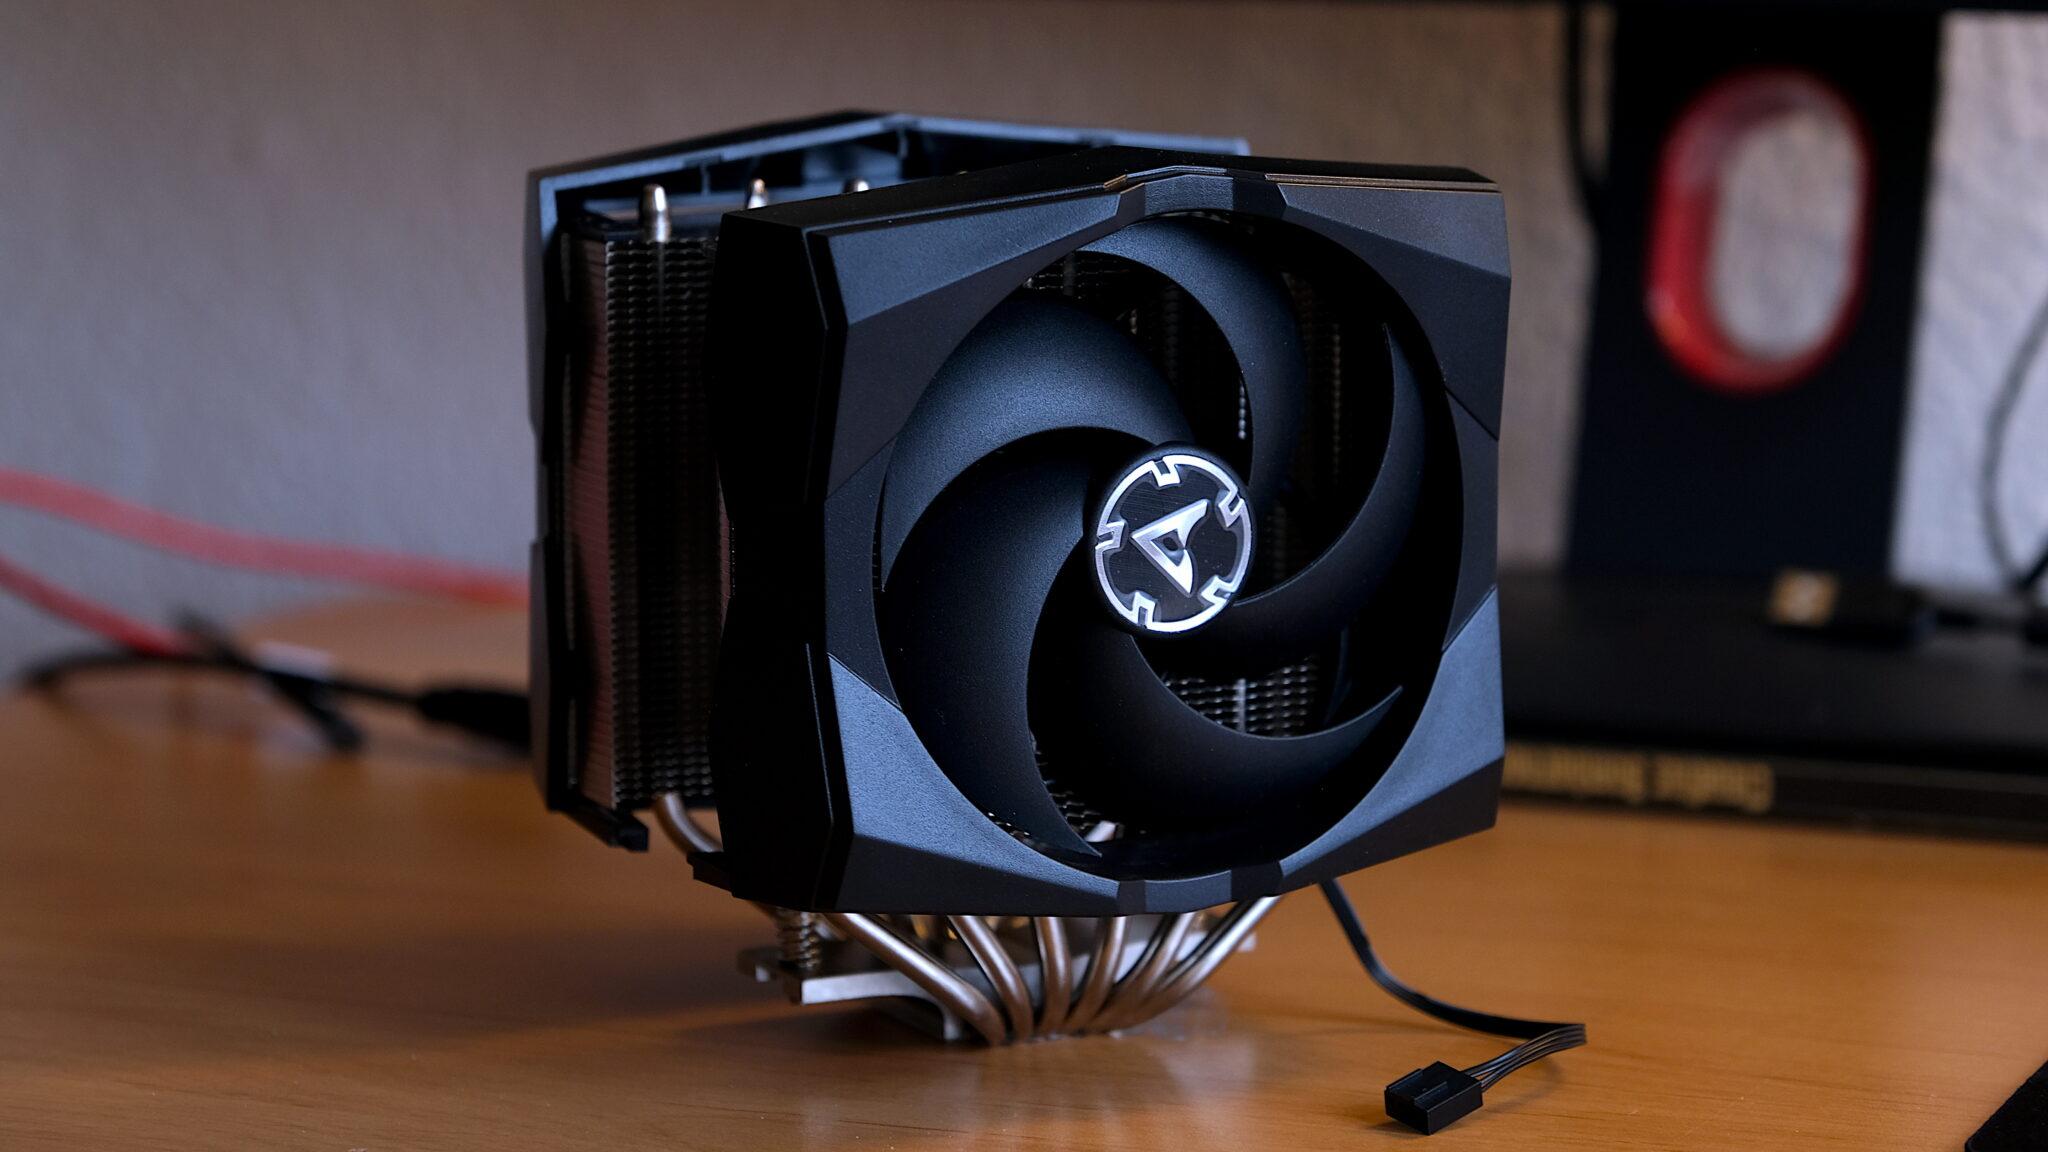 ARCTIC Freezer 50 im Test: Hohe Kühlleistung, ansprechendes Design und schickes A-RGB